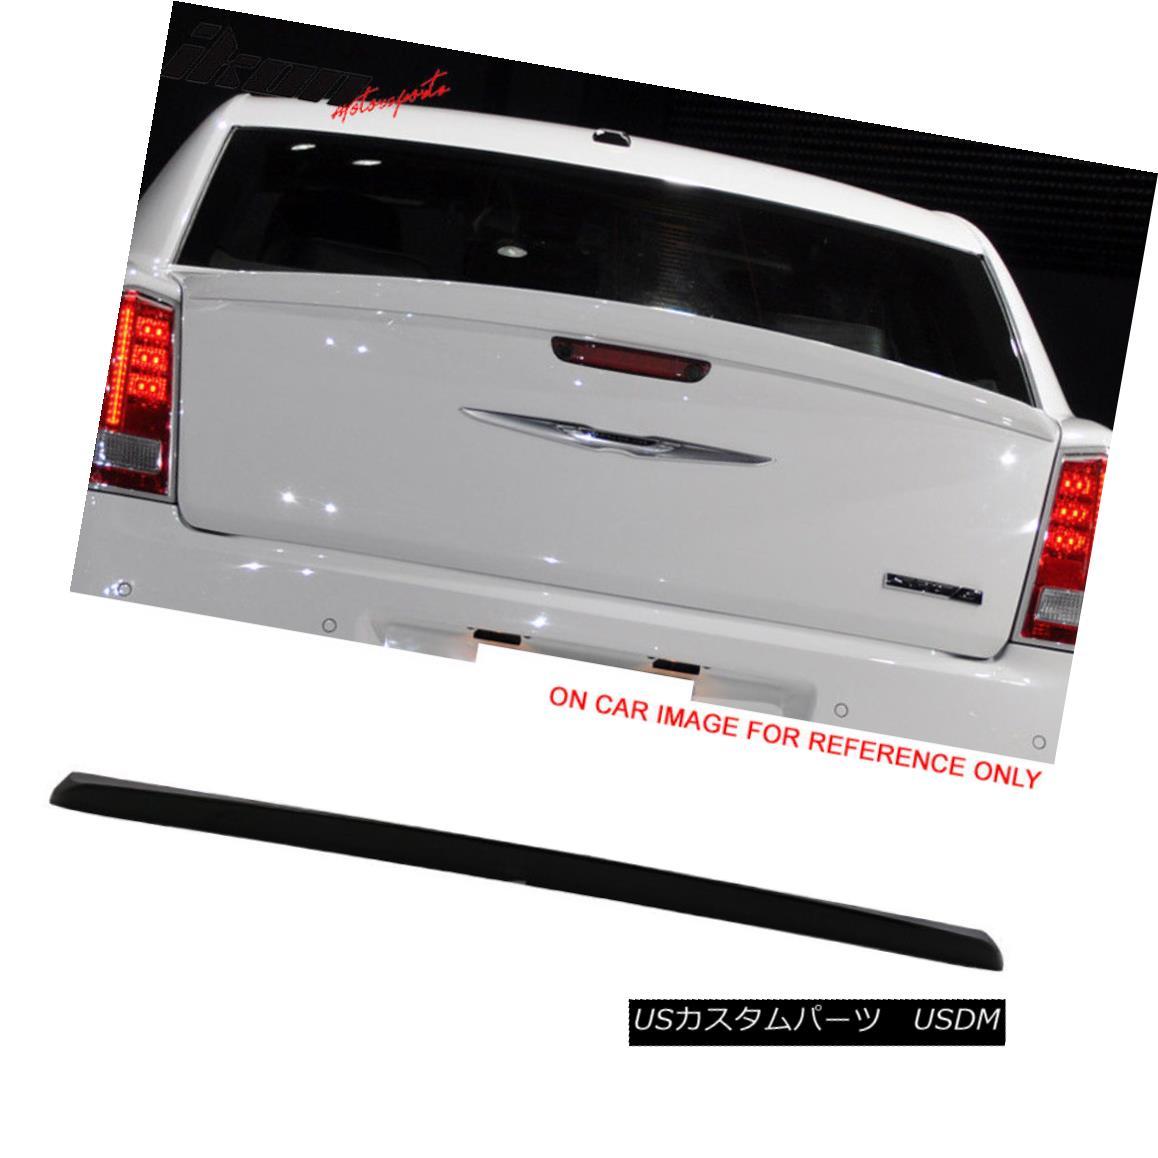 エアロパーツ Fits 11-18 Chrysler 300 300C Trunk Spoiler Wing Painted # PX8 Black フィット11-18クライスラー300 300Cトランク・スポイラー・ウィング・ペイント#PX8ブラック